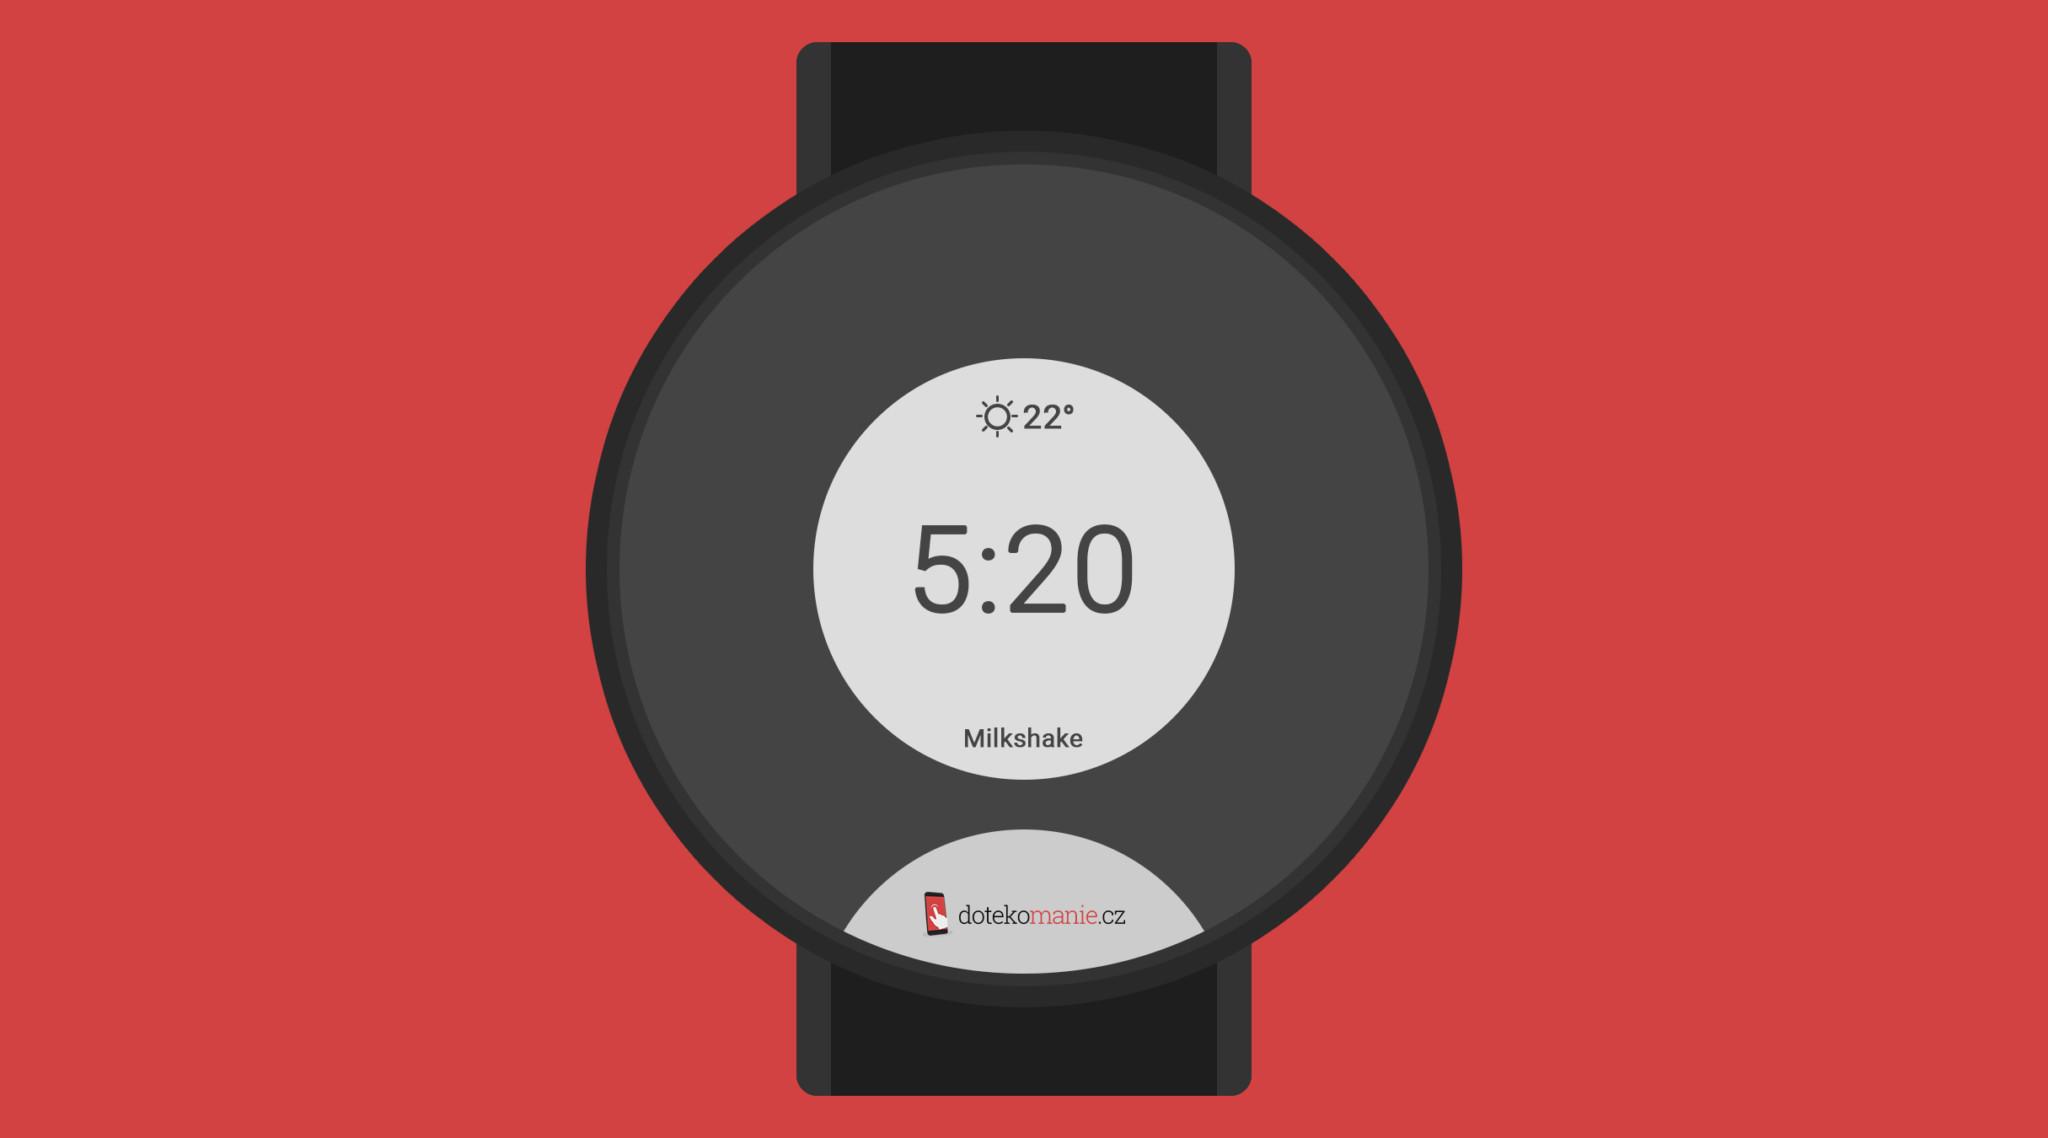 Chytré hodinky – zbytečnost, či potřebné zařízení pro život? [komentář]